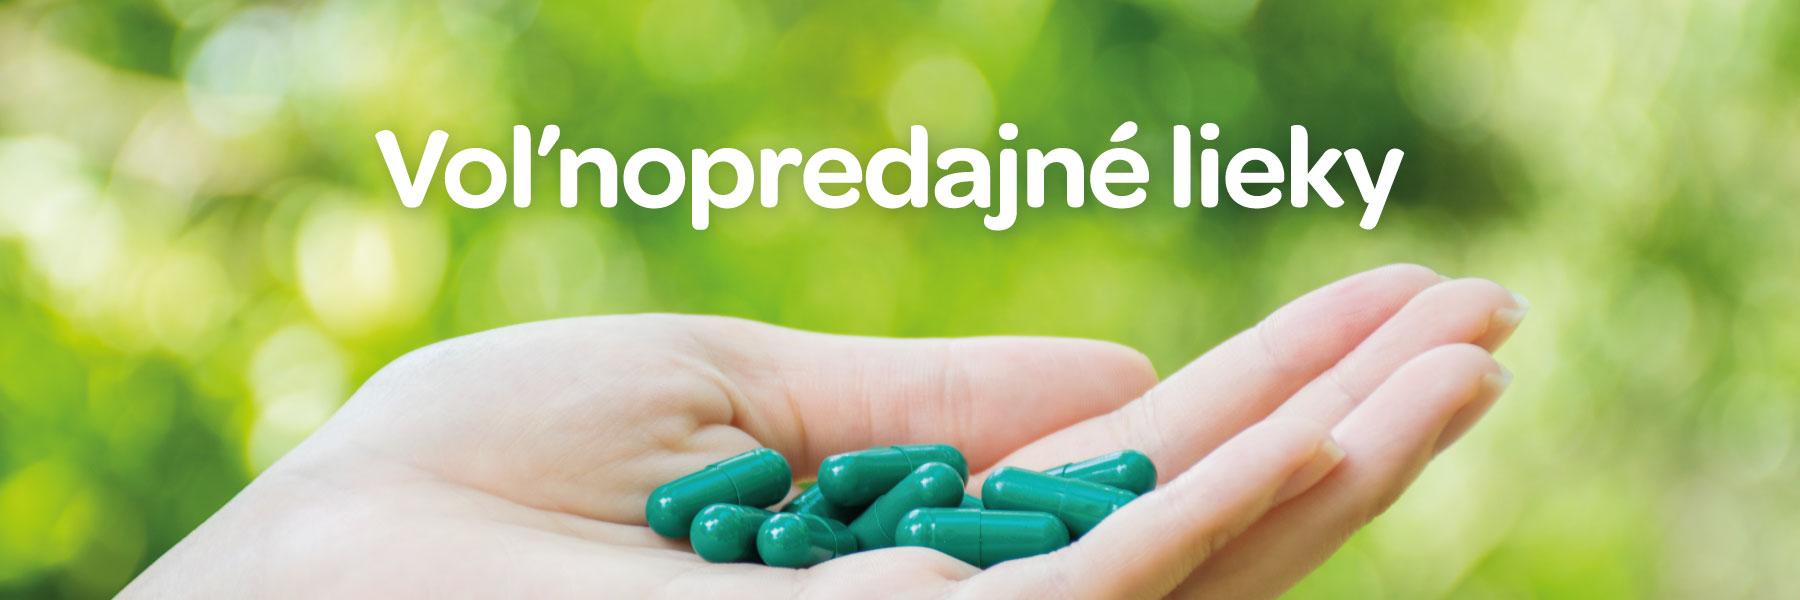 Voľnopredajné lieky BiomedicA